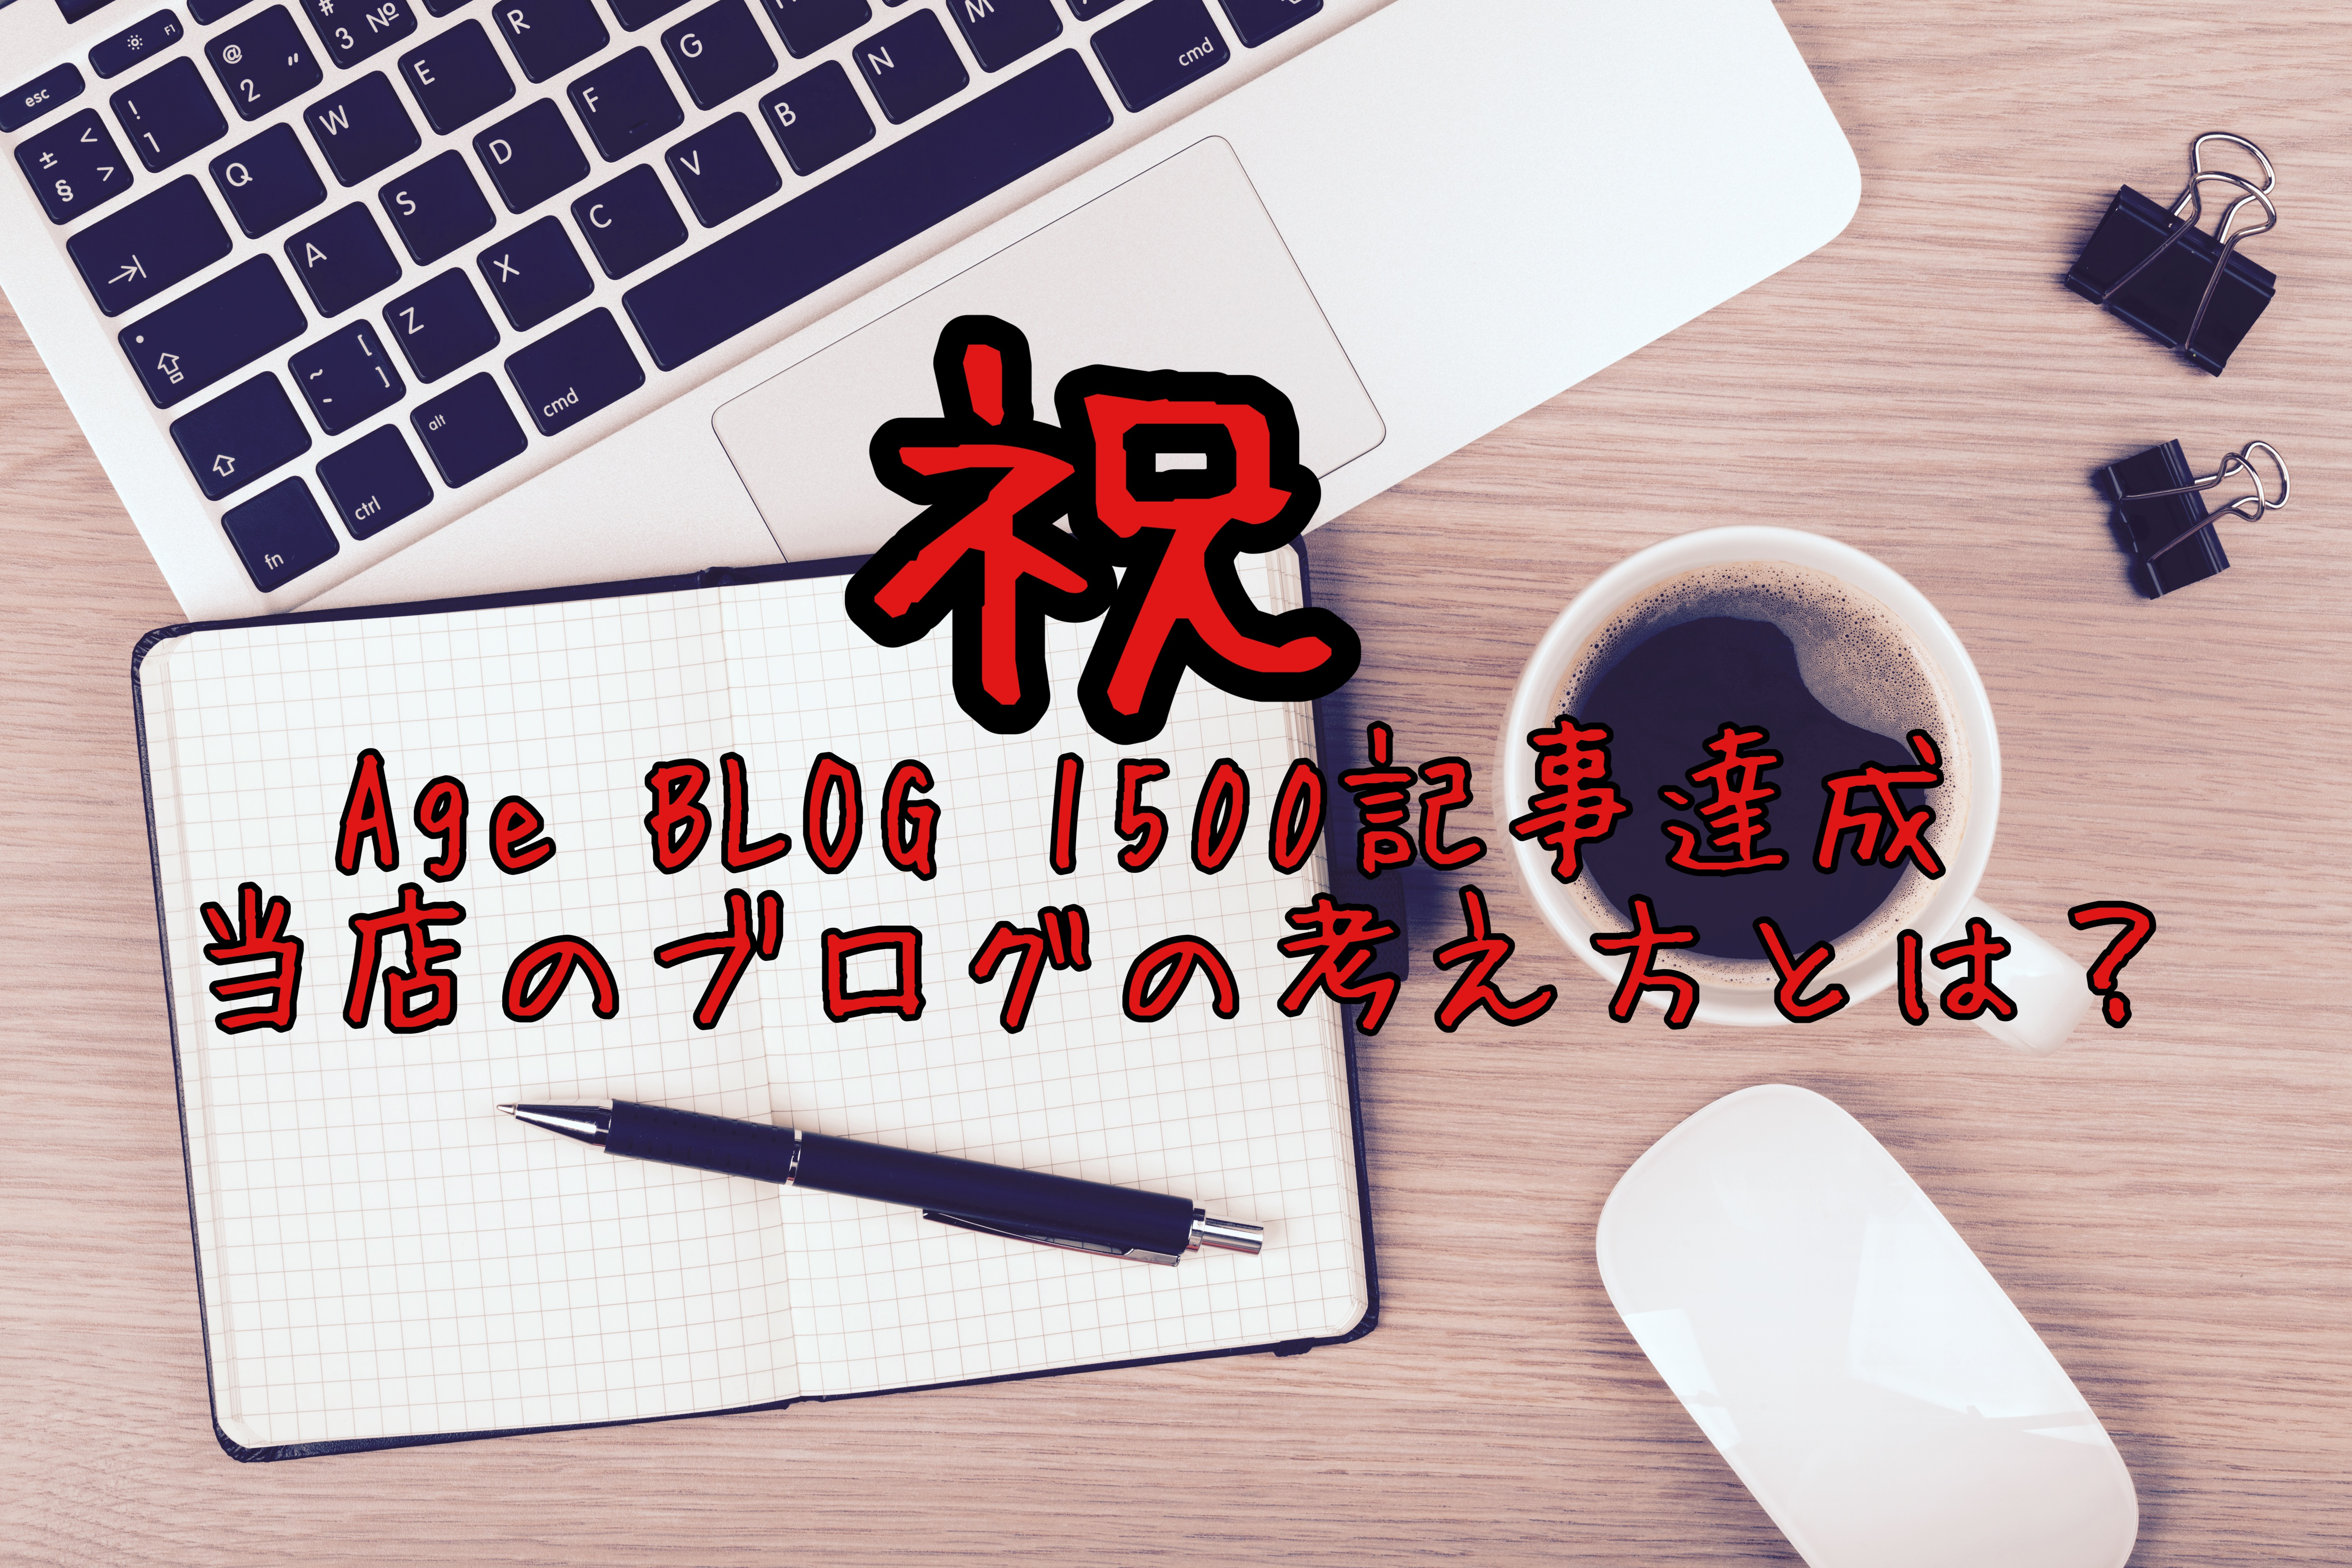 【日々継続】Ageブログ1500記事達成を迎え思う事と当店のブログに対する考え方とは